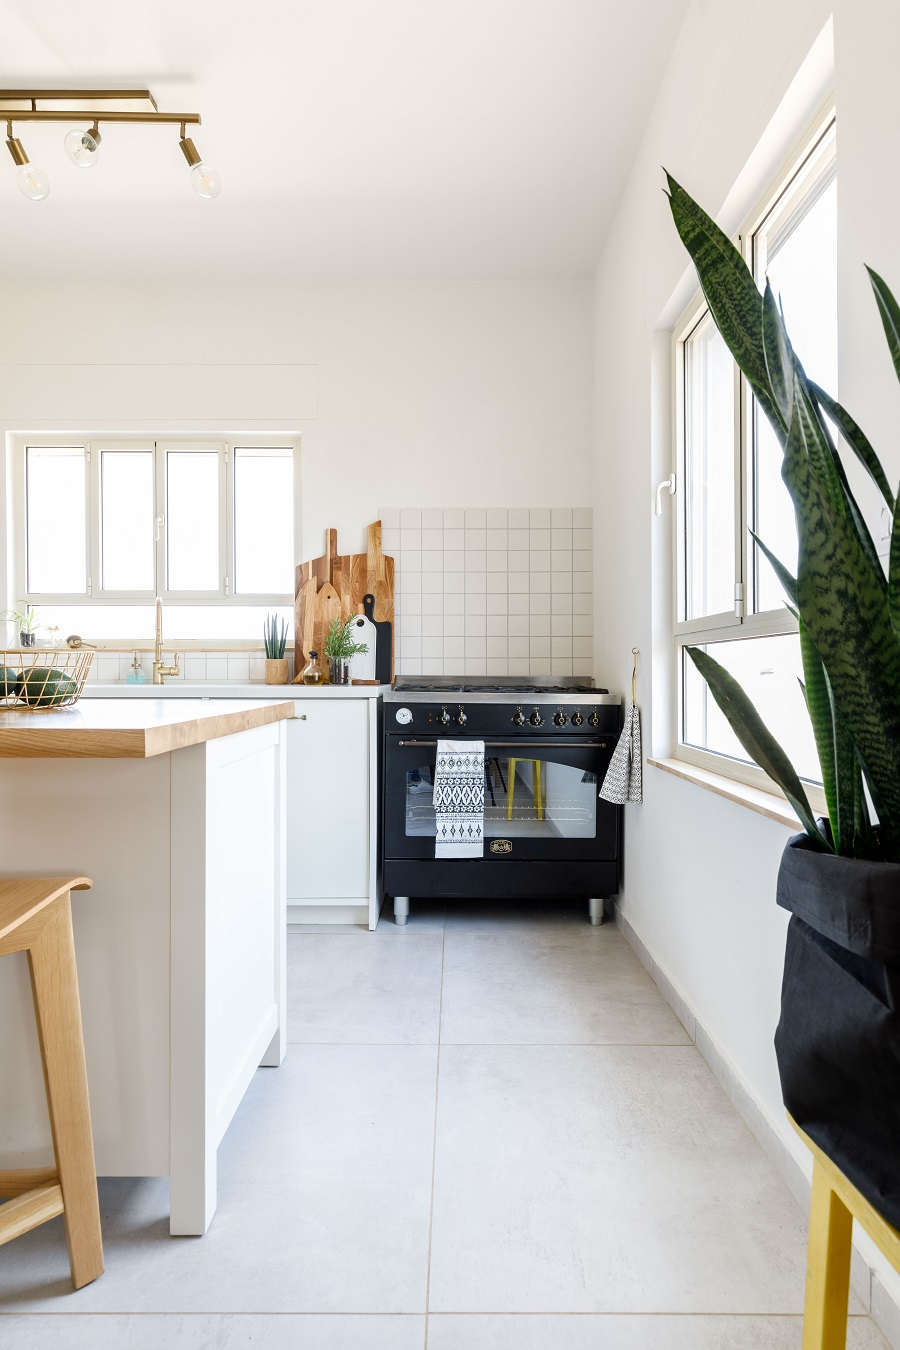 מטבח עיצוב לימור אורן צילום אורית ארנון